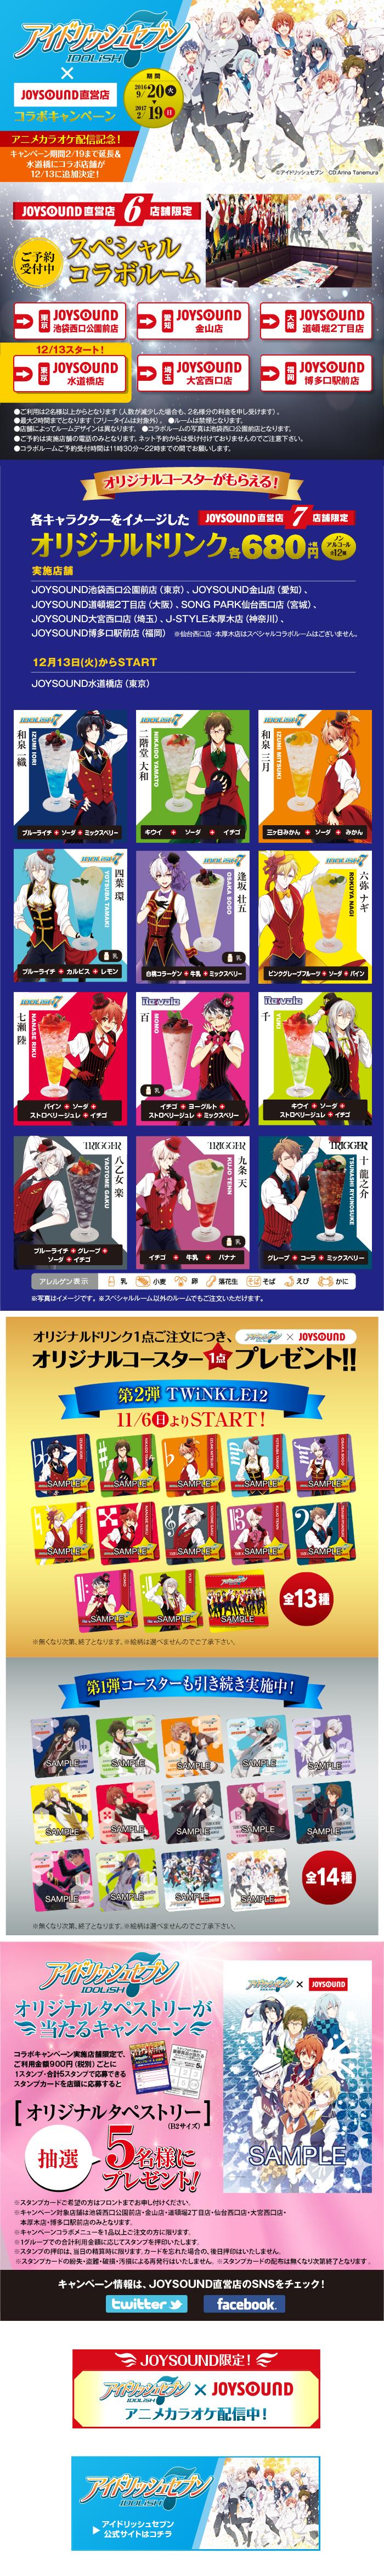 【アイナナ×JOYSOUND】JOYSOUND直営店キャンペーン2/19まで延長!新たに「水道橋店」コラボルーム店舗追加!